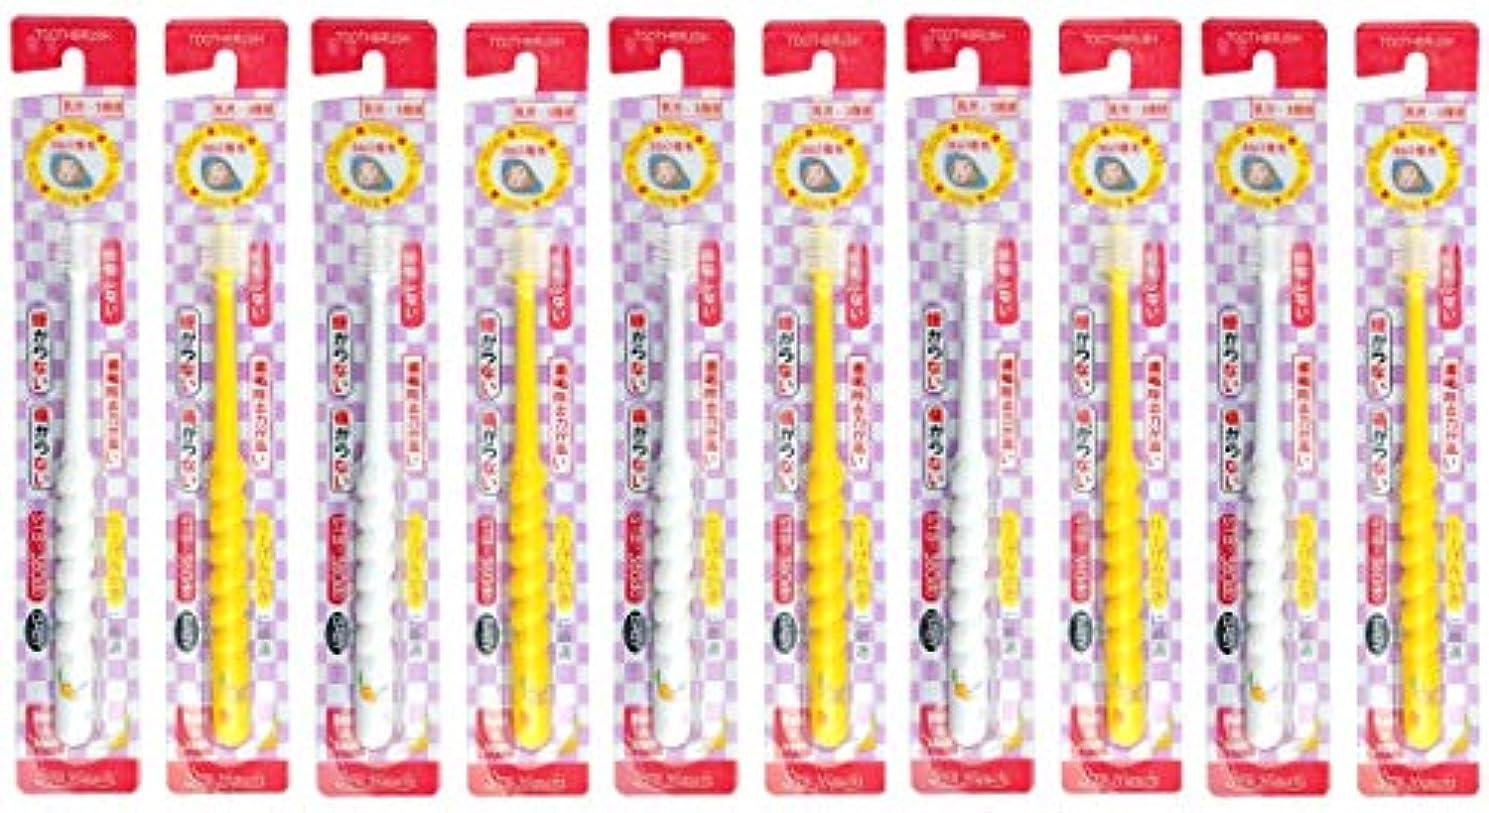 アトミックブロー条約360度歯ブラシ STB-360do ベビー 10本セット(カラーはおまかせ)